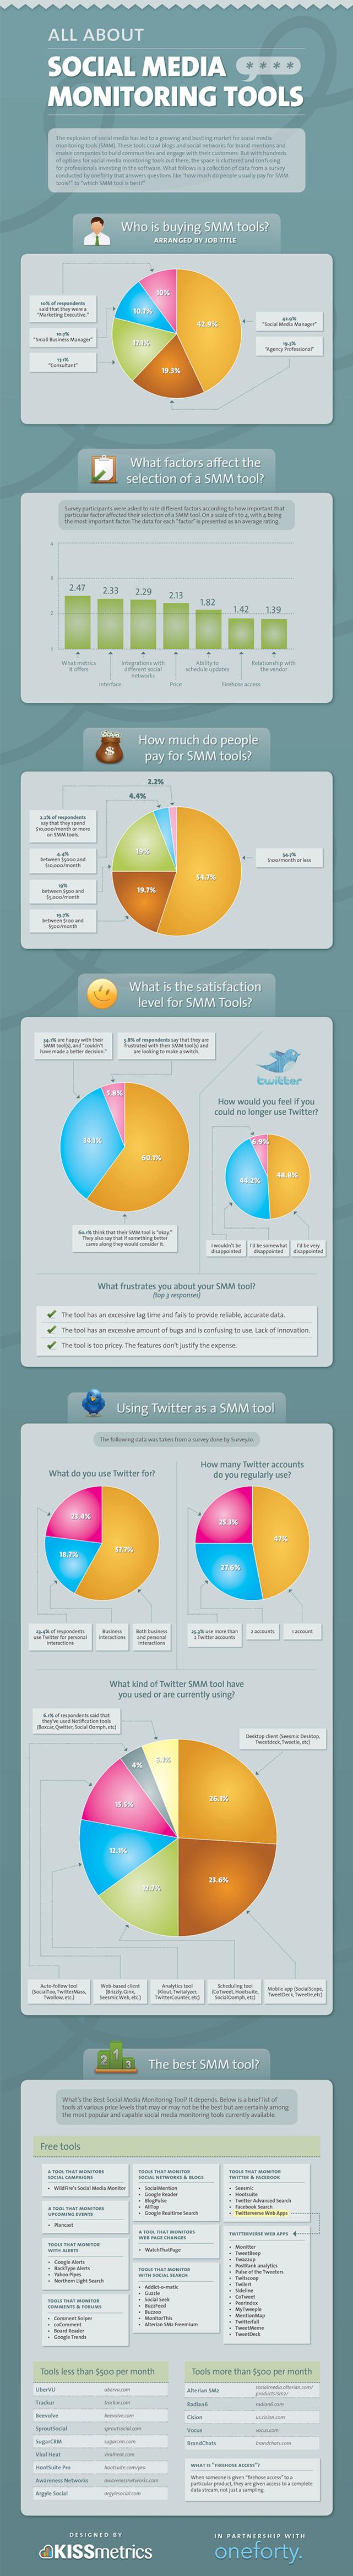 redes sociales herramientas monitoreo tips negocios informacion infografia